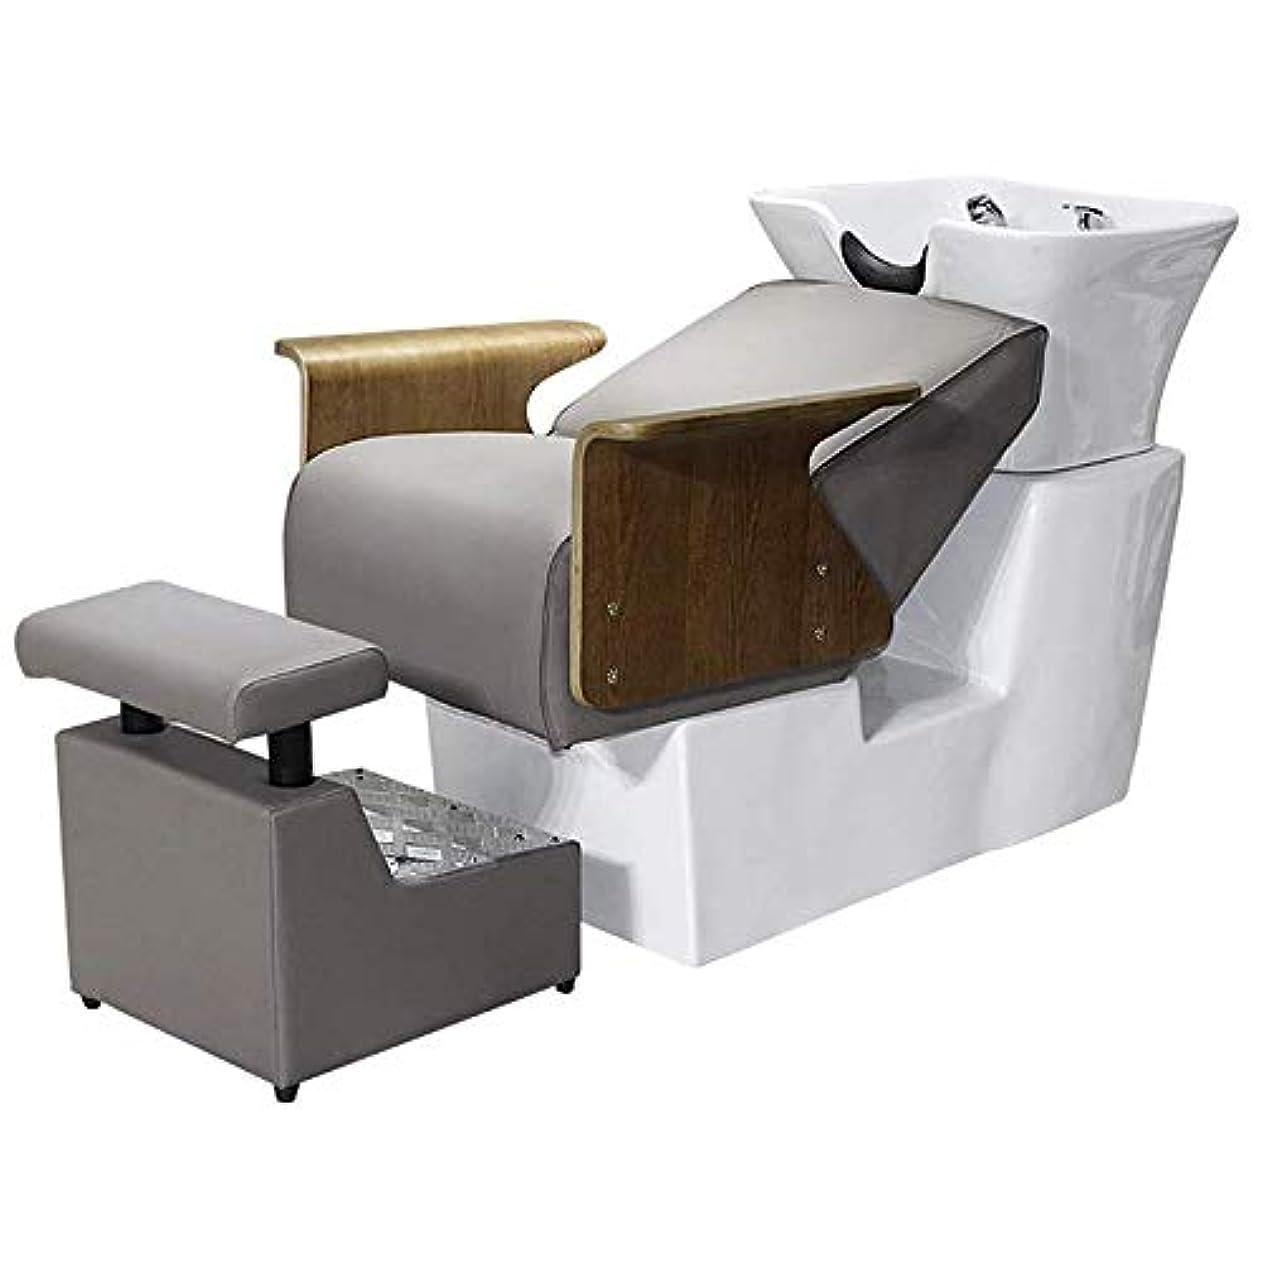 自伝くすぐったいの中でサロン用シャンプー椅子とボウル、 セラミック洗面器シャンプーベッド逆洗ユニットシャンプーボウル理髪シンク椅子用スパビューティーサロン機器